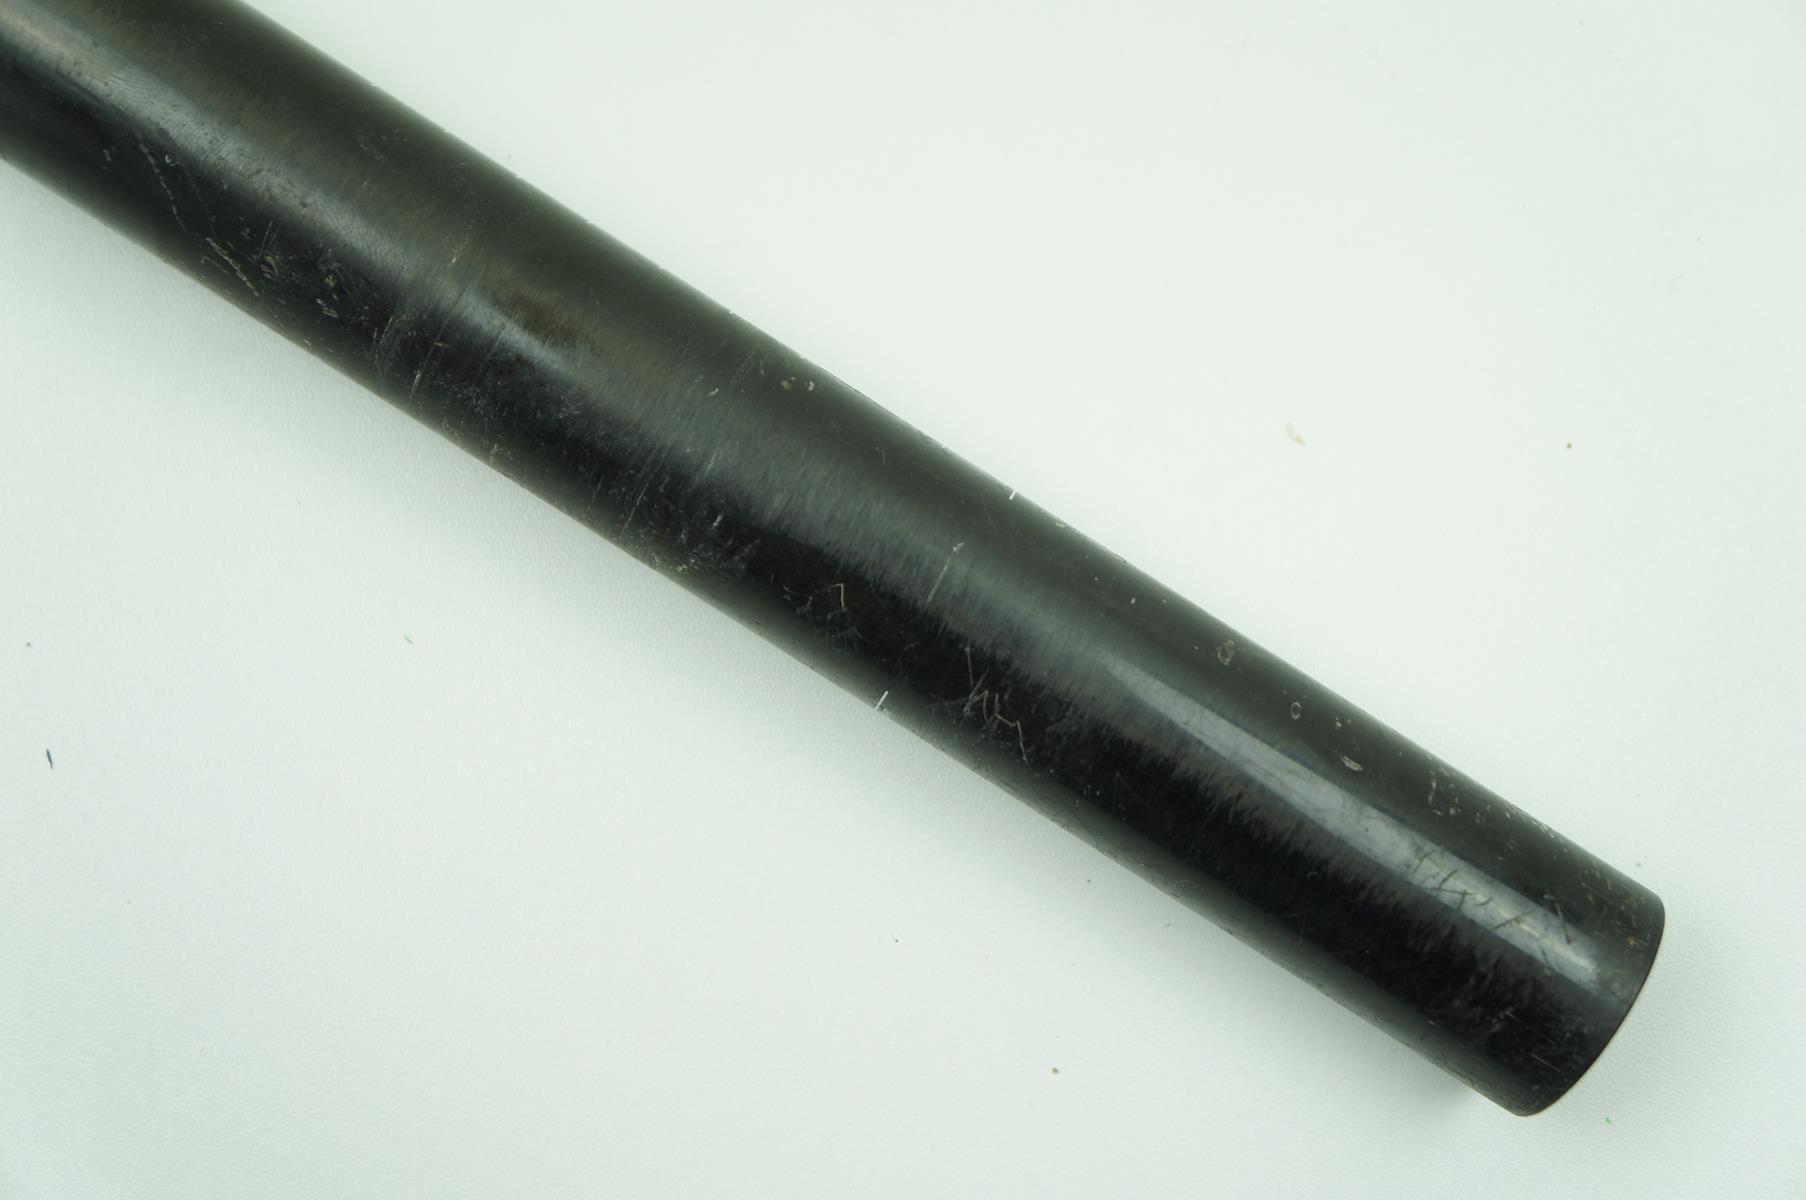 Canote de Selim Niner em Carbono 31.6 x 400mm Preto com Microajuste - USADO